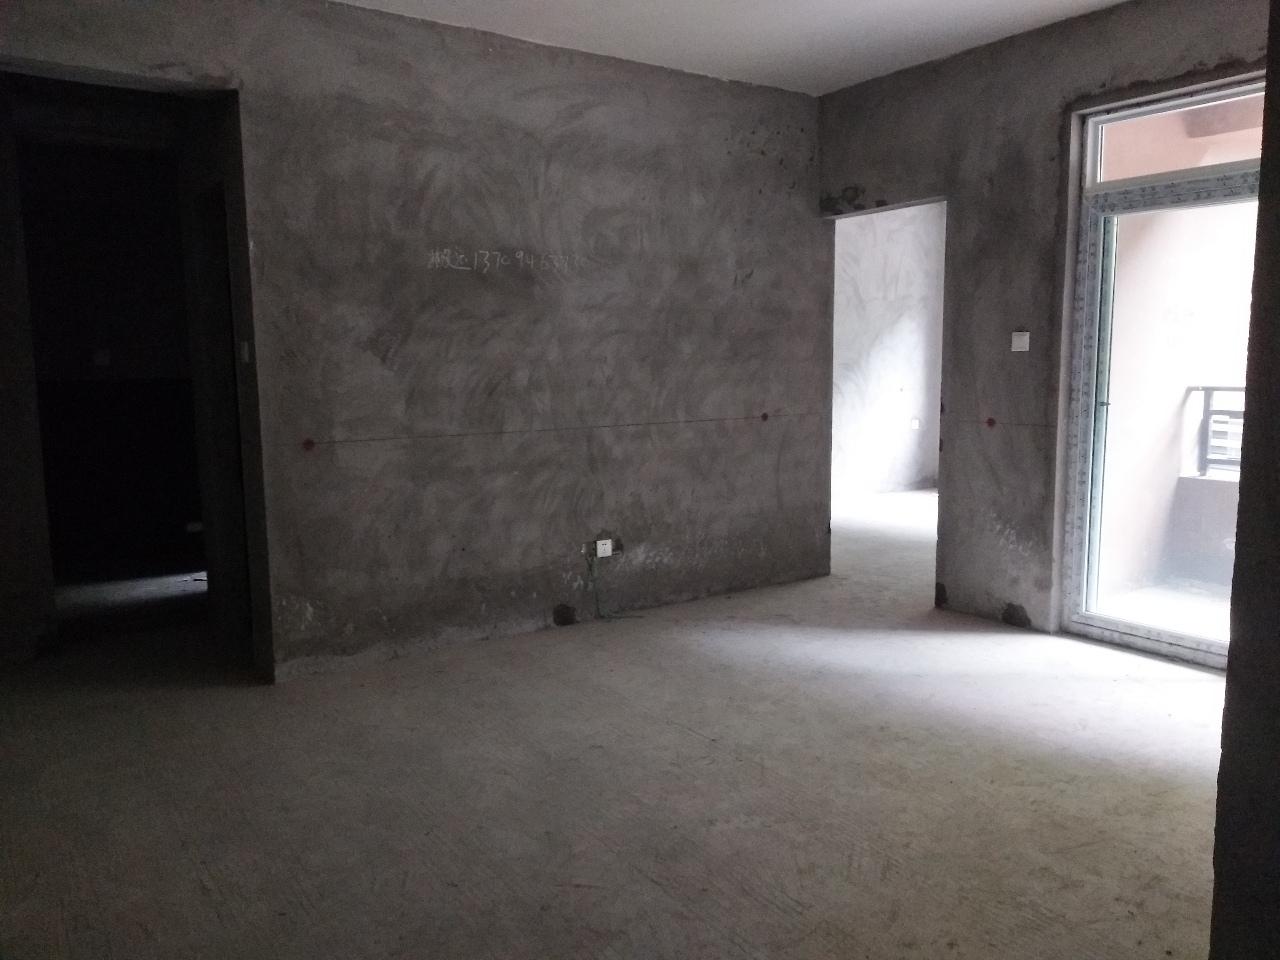 錦江竹苑2室2廳1衛49萬元